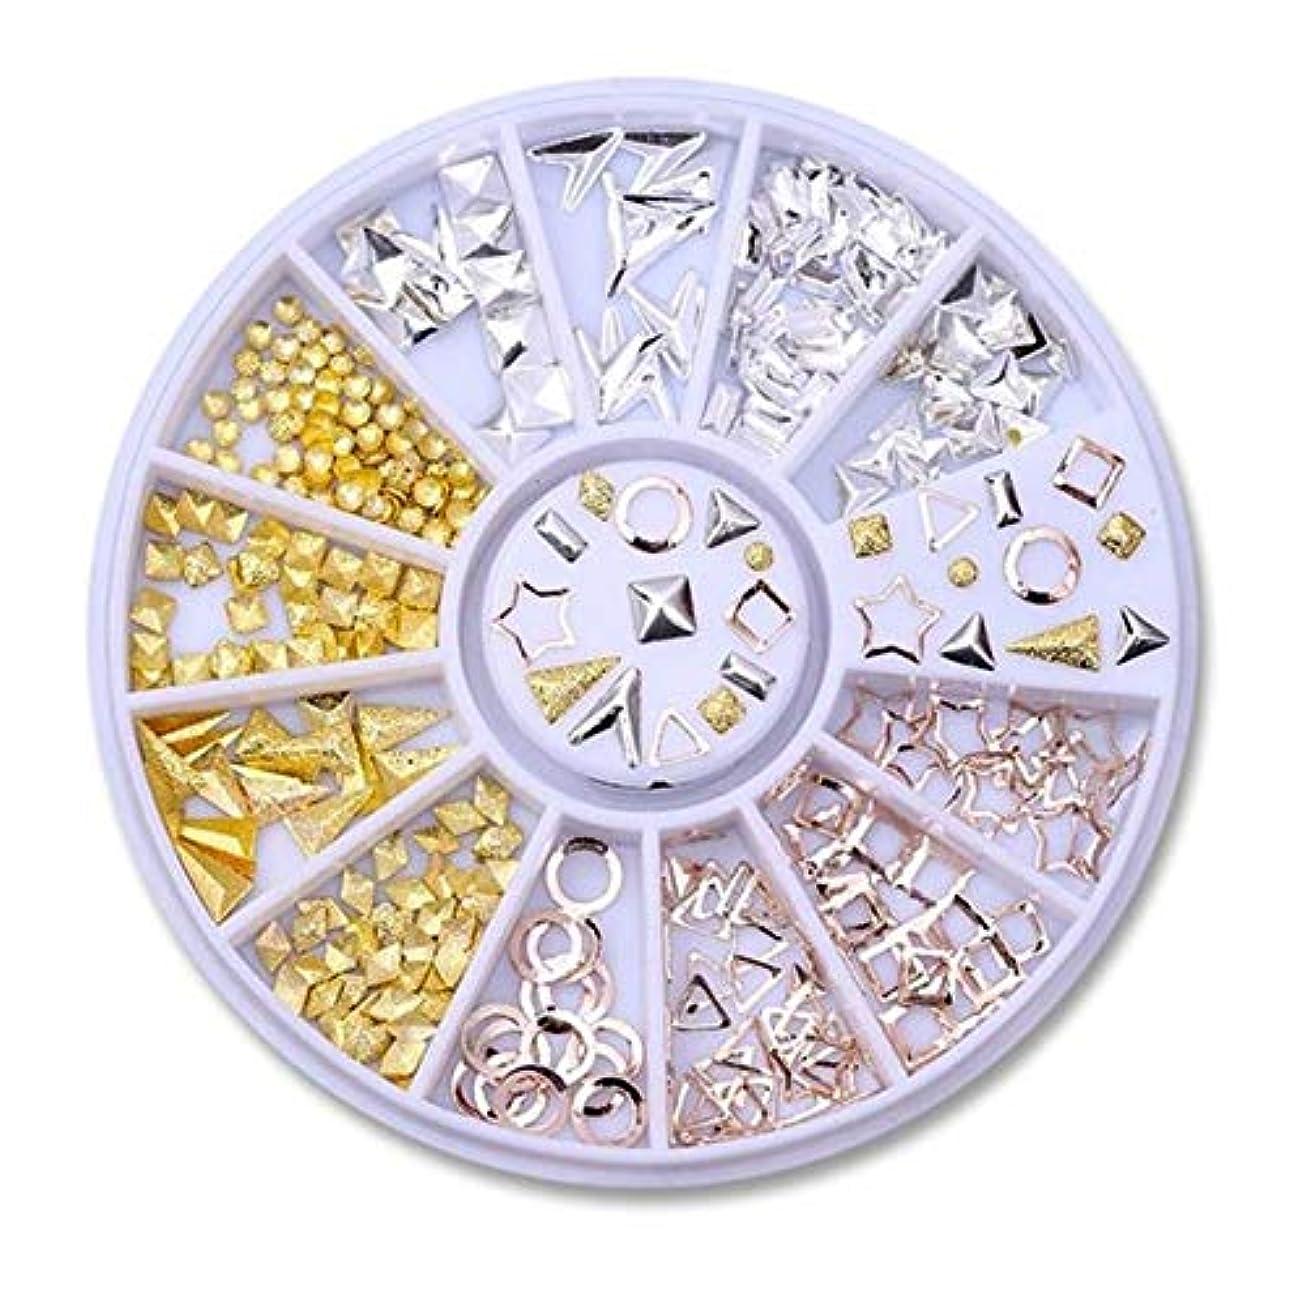 ネイルラインストーンの小さな不規則なビーズマニキュア3Dネイルアートの装飾の輪,29